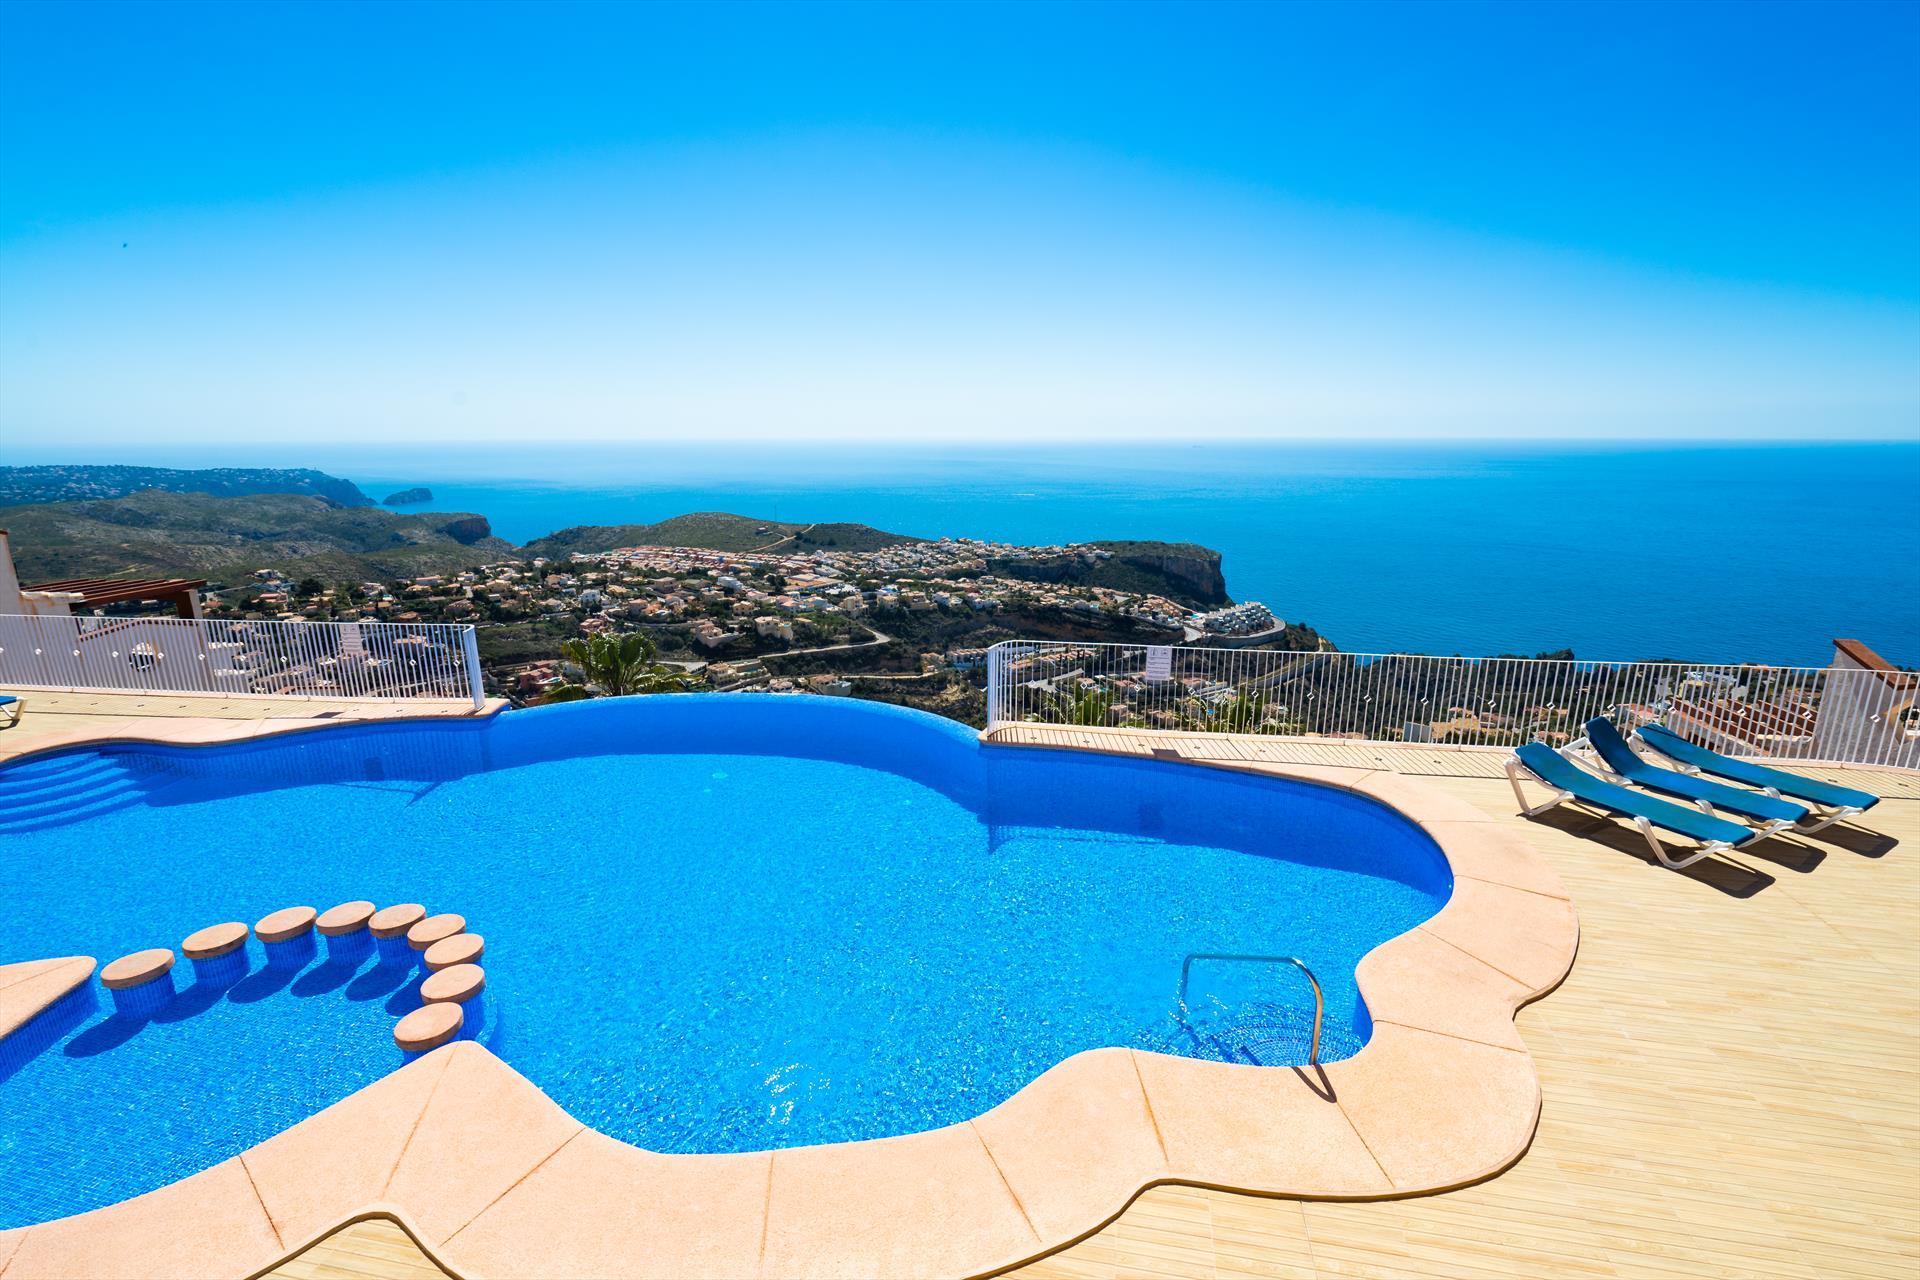 Elepege,Apartamento maravilloso y confortable en Benitachell, en la Costa Blanca, España para 4 personas...